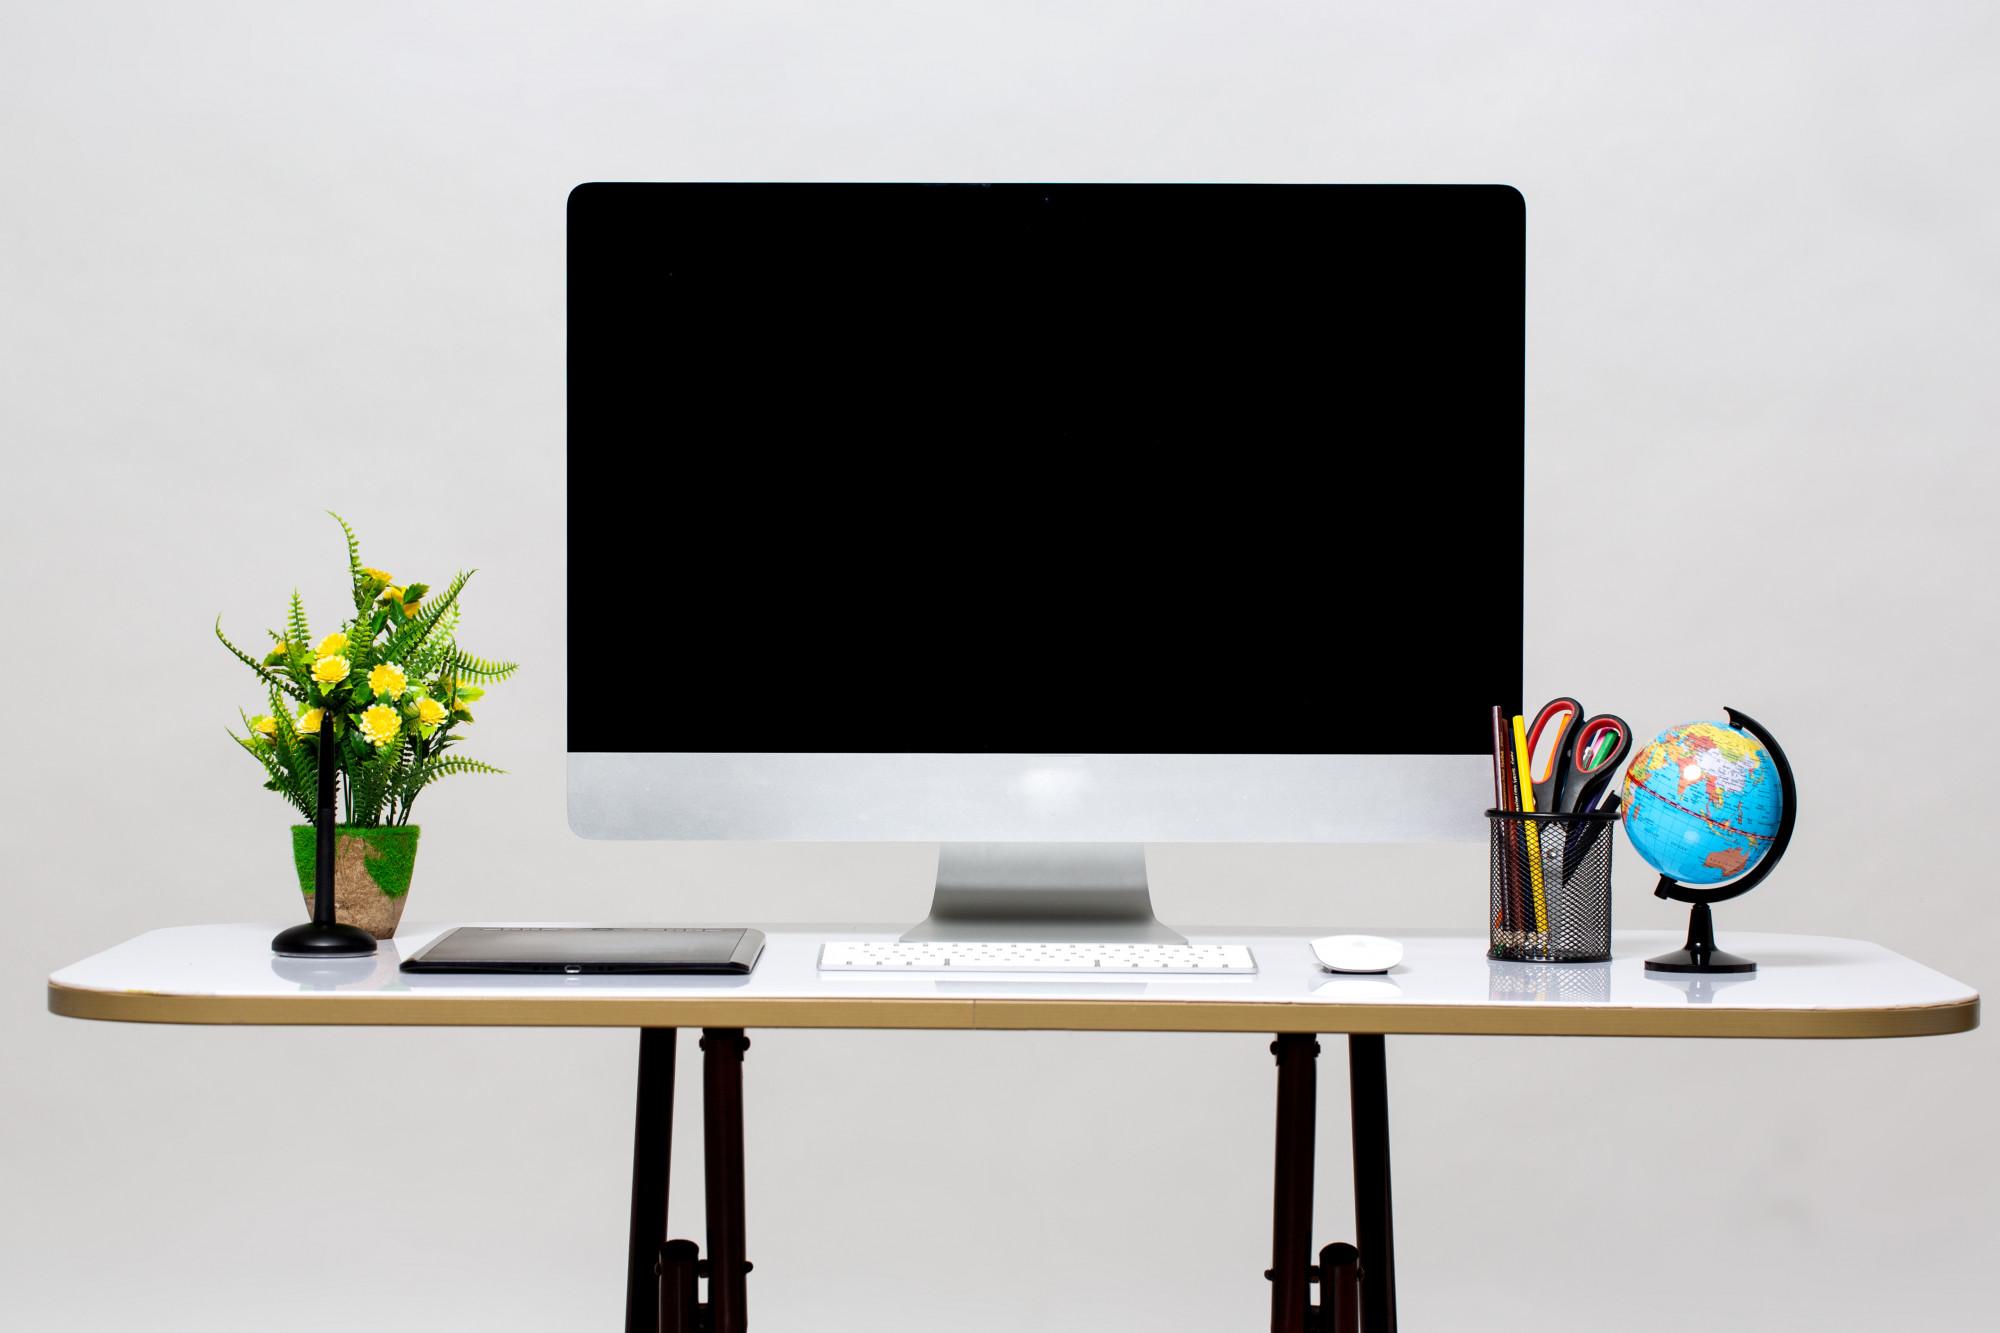 iMac in modern office